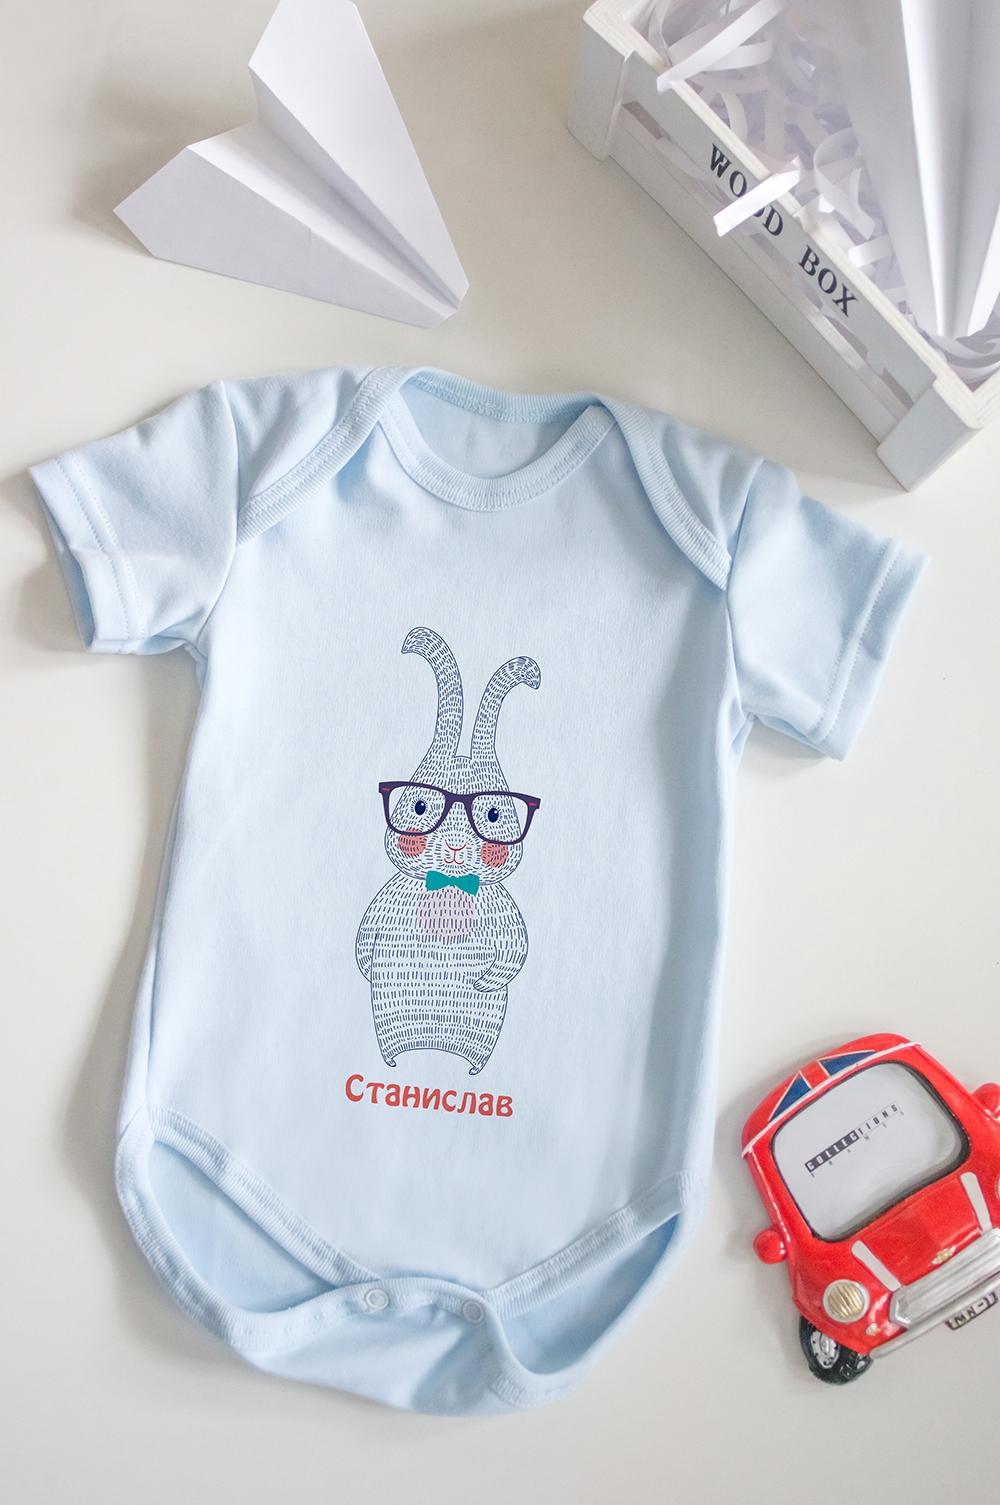 Боди для малыша с вашим текстом ЗайкаПерсональные подарки с Вашим именем<br>100% хлопок, голубое, с нанесением текста<br>